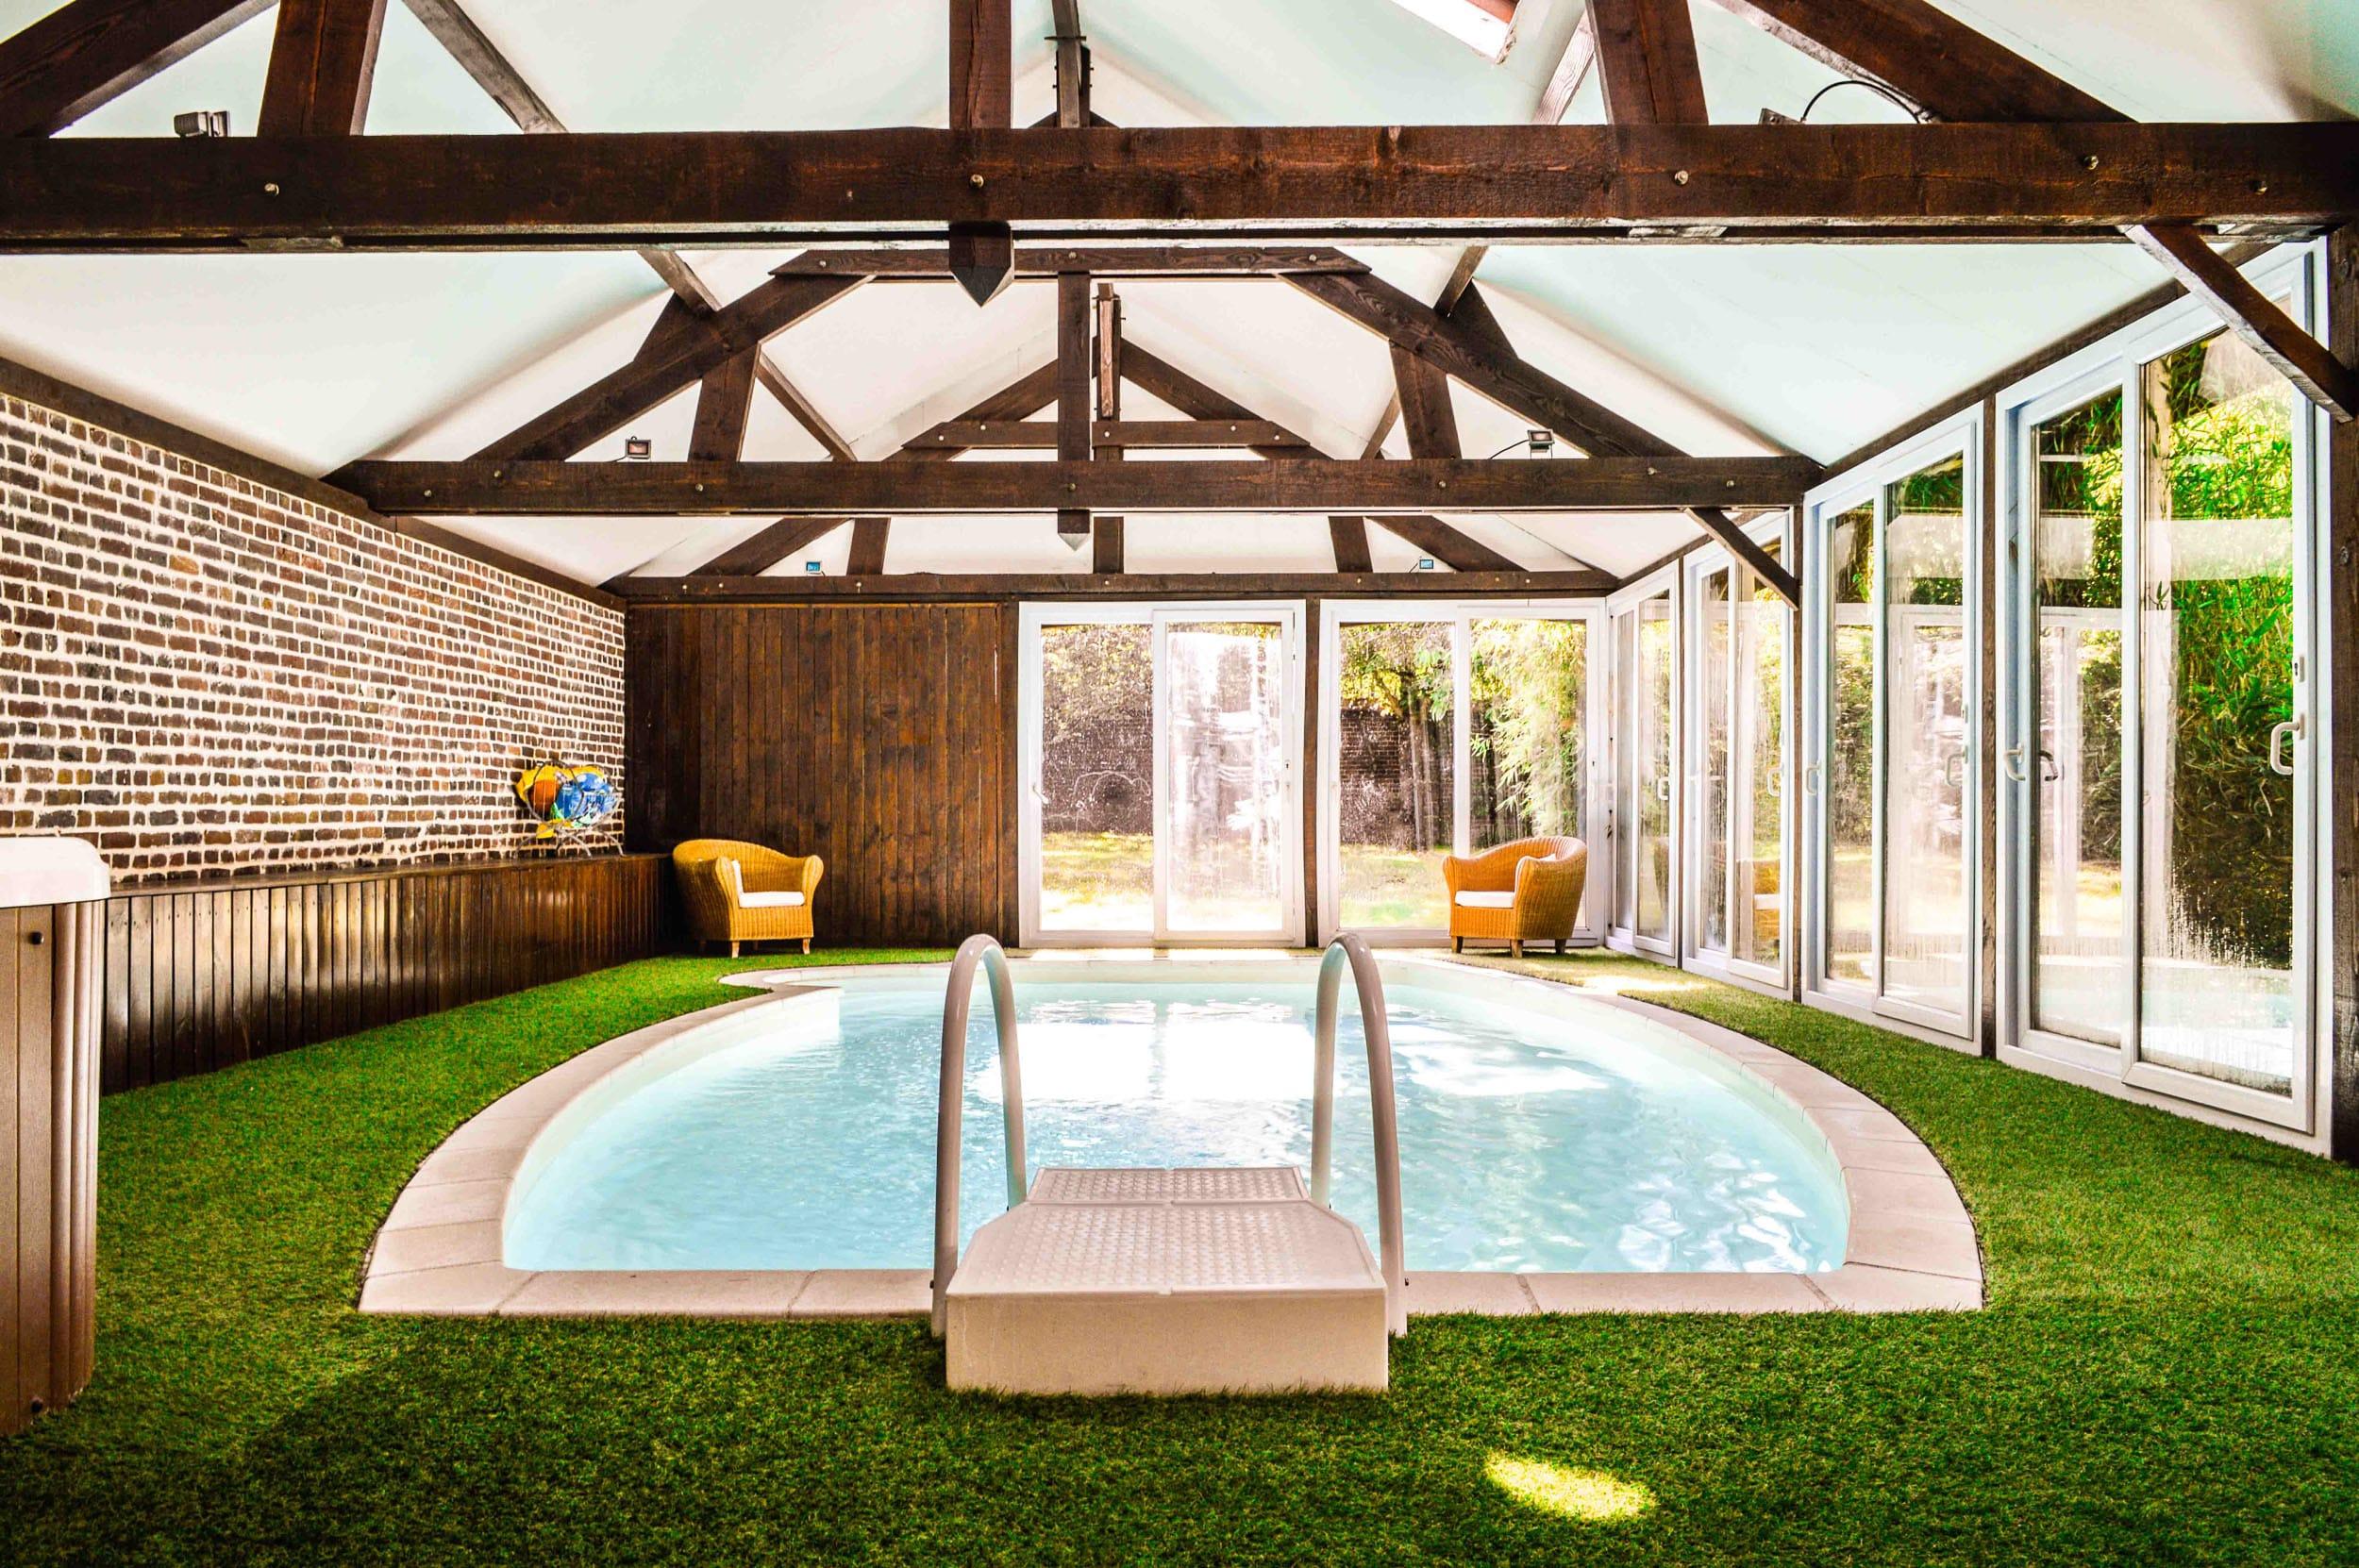 Hotel-Avec-Piscine-Meru-Les-Granges-Haillancourt-5-2 • Les ... intérieur Piscine Meru